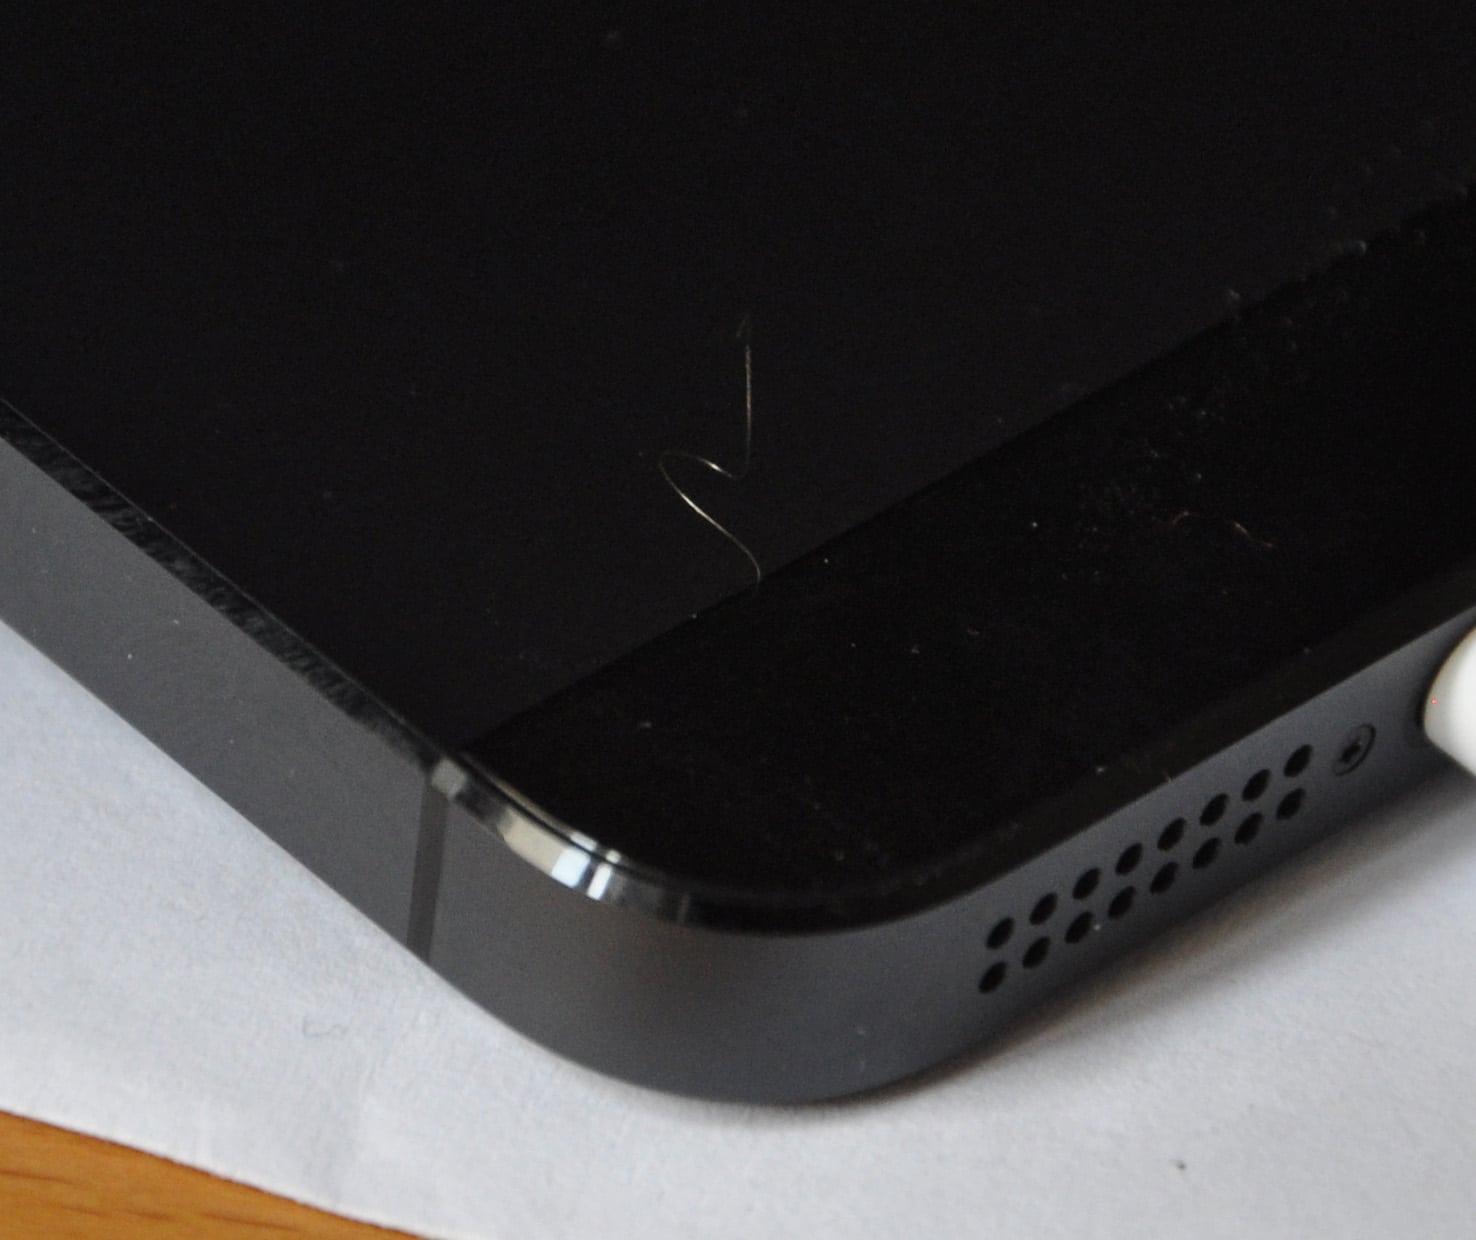 iphone5-poil-trop-3 iPhone 5, le poil de trop !